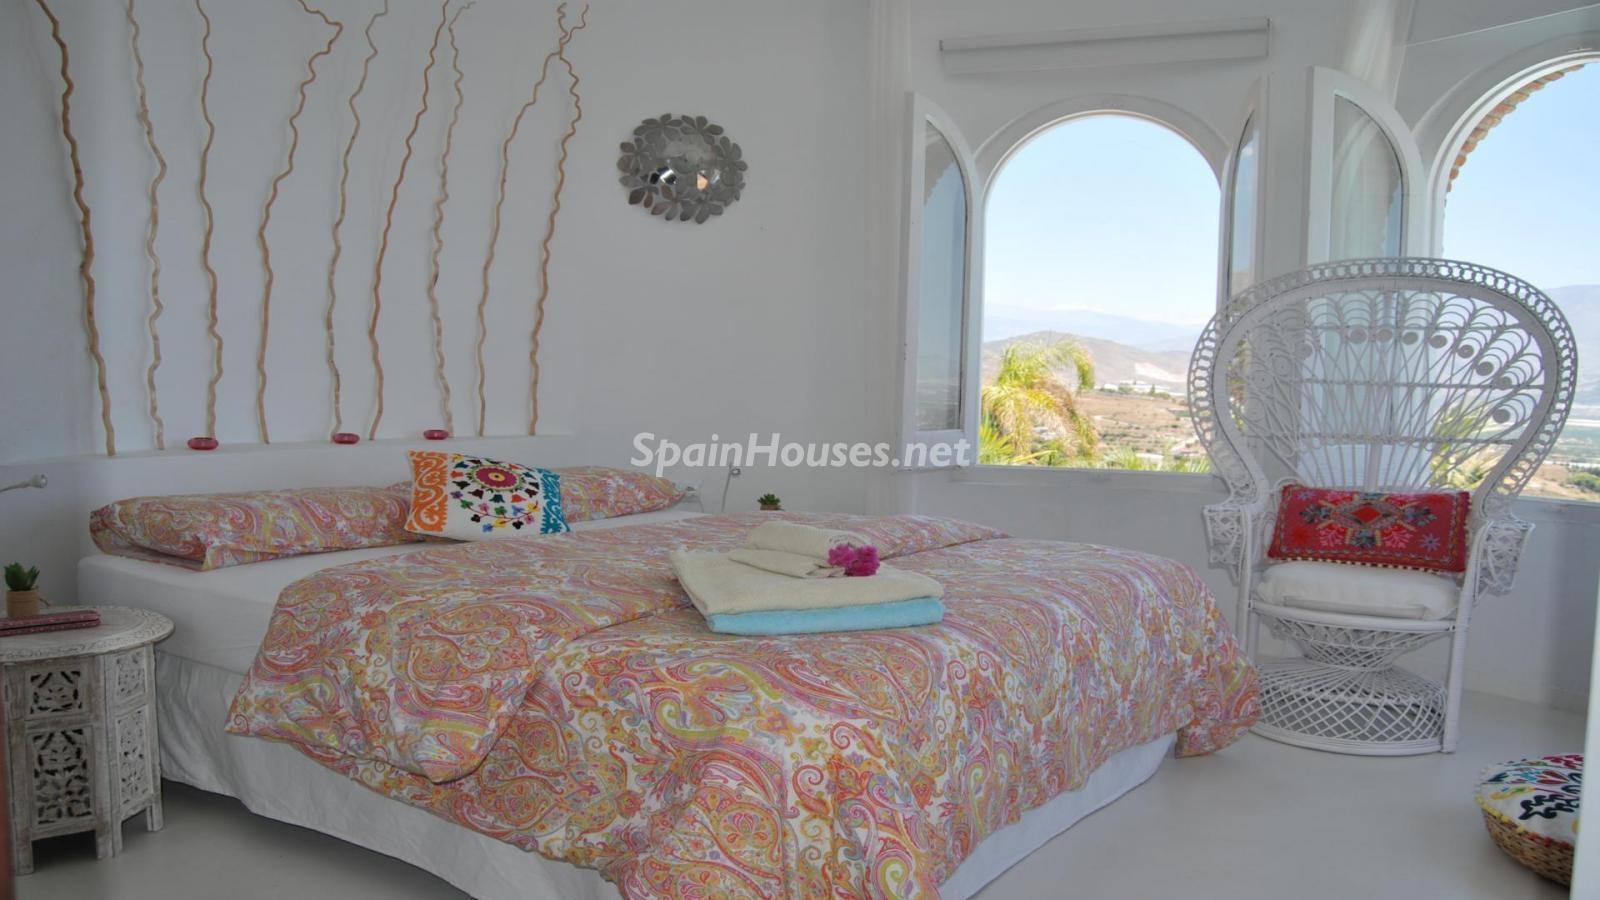 49335 2014903 foto 246318 - Exotic villa in Salobreña, Granada